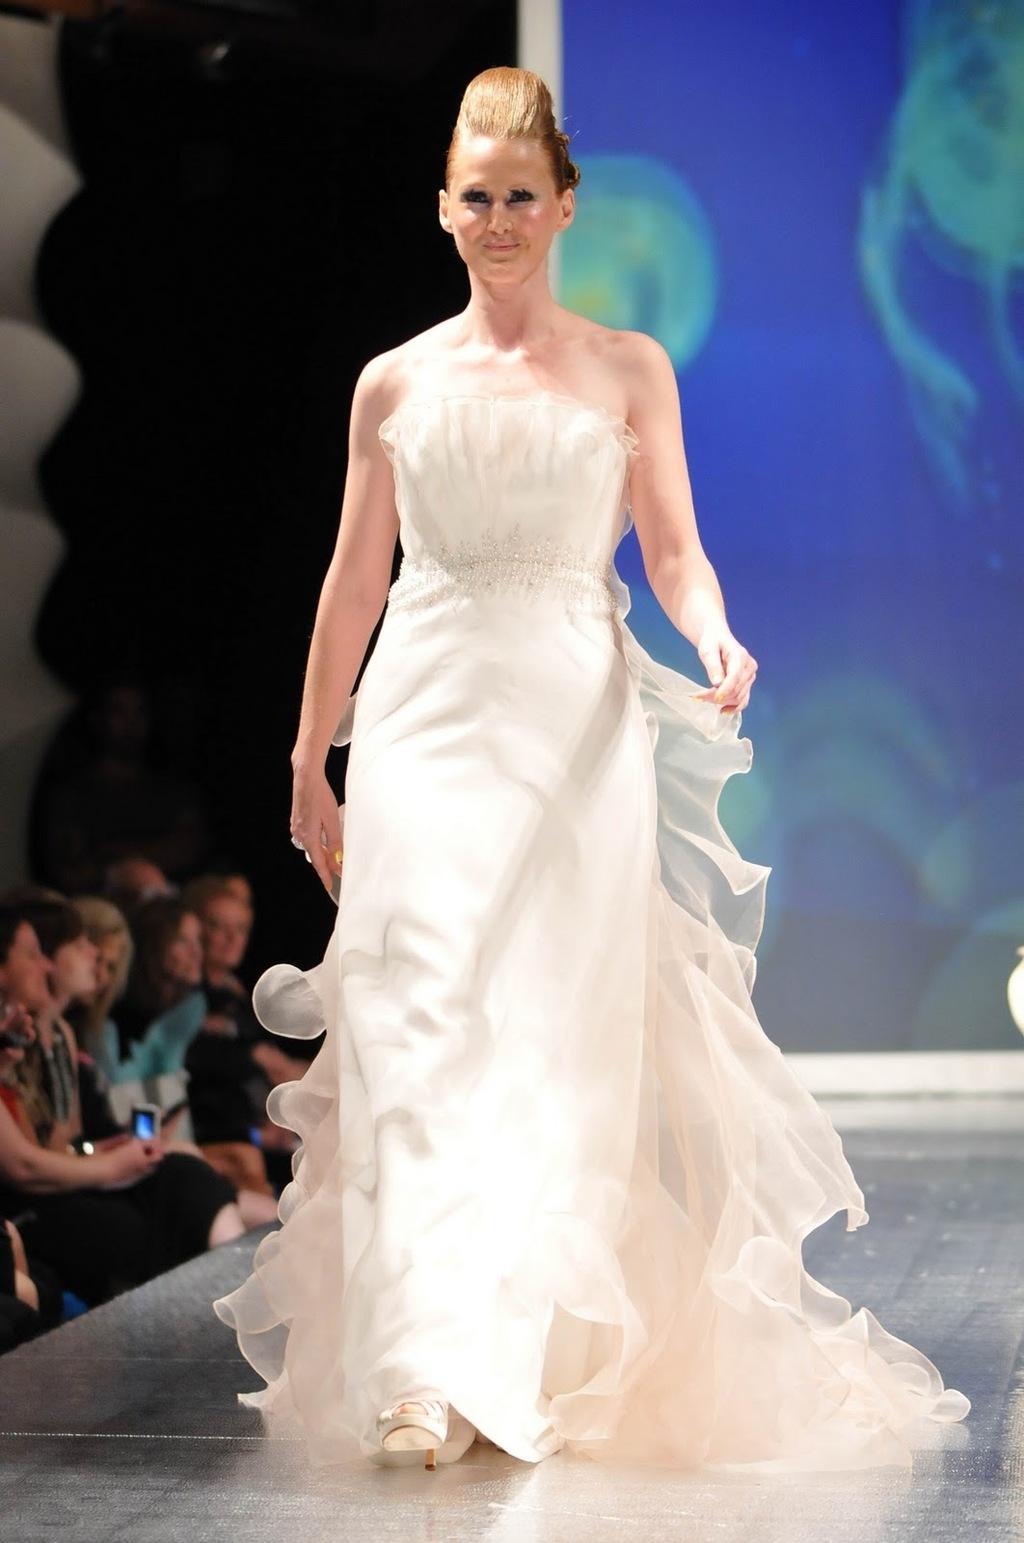 Luly-yang-2011-wedding-dress-inspireation-ocean-white-strapless-2.full